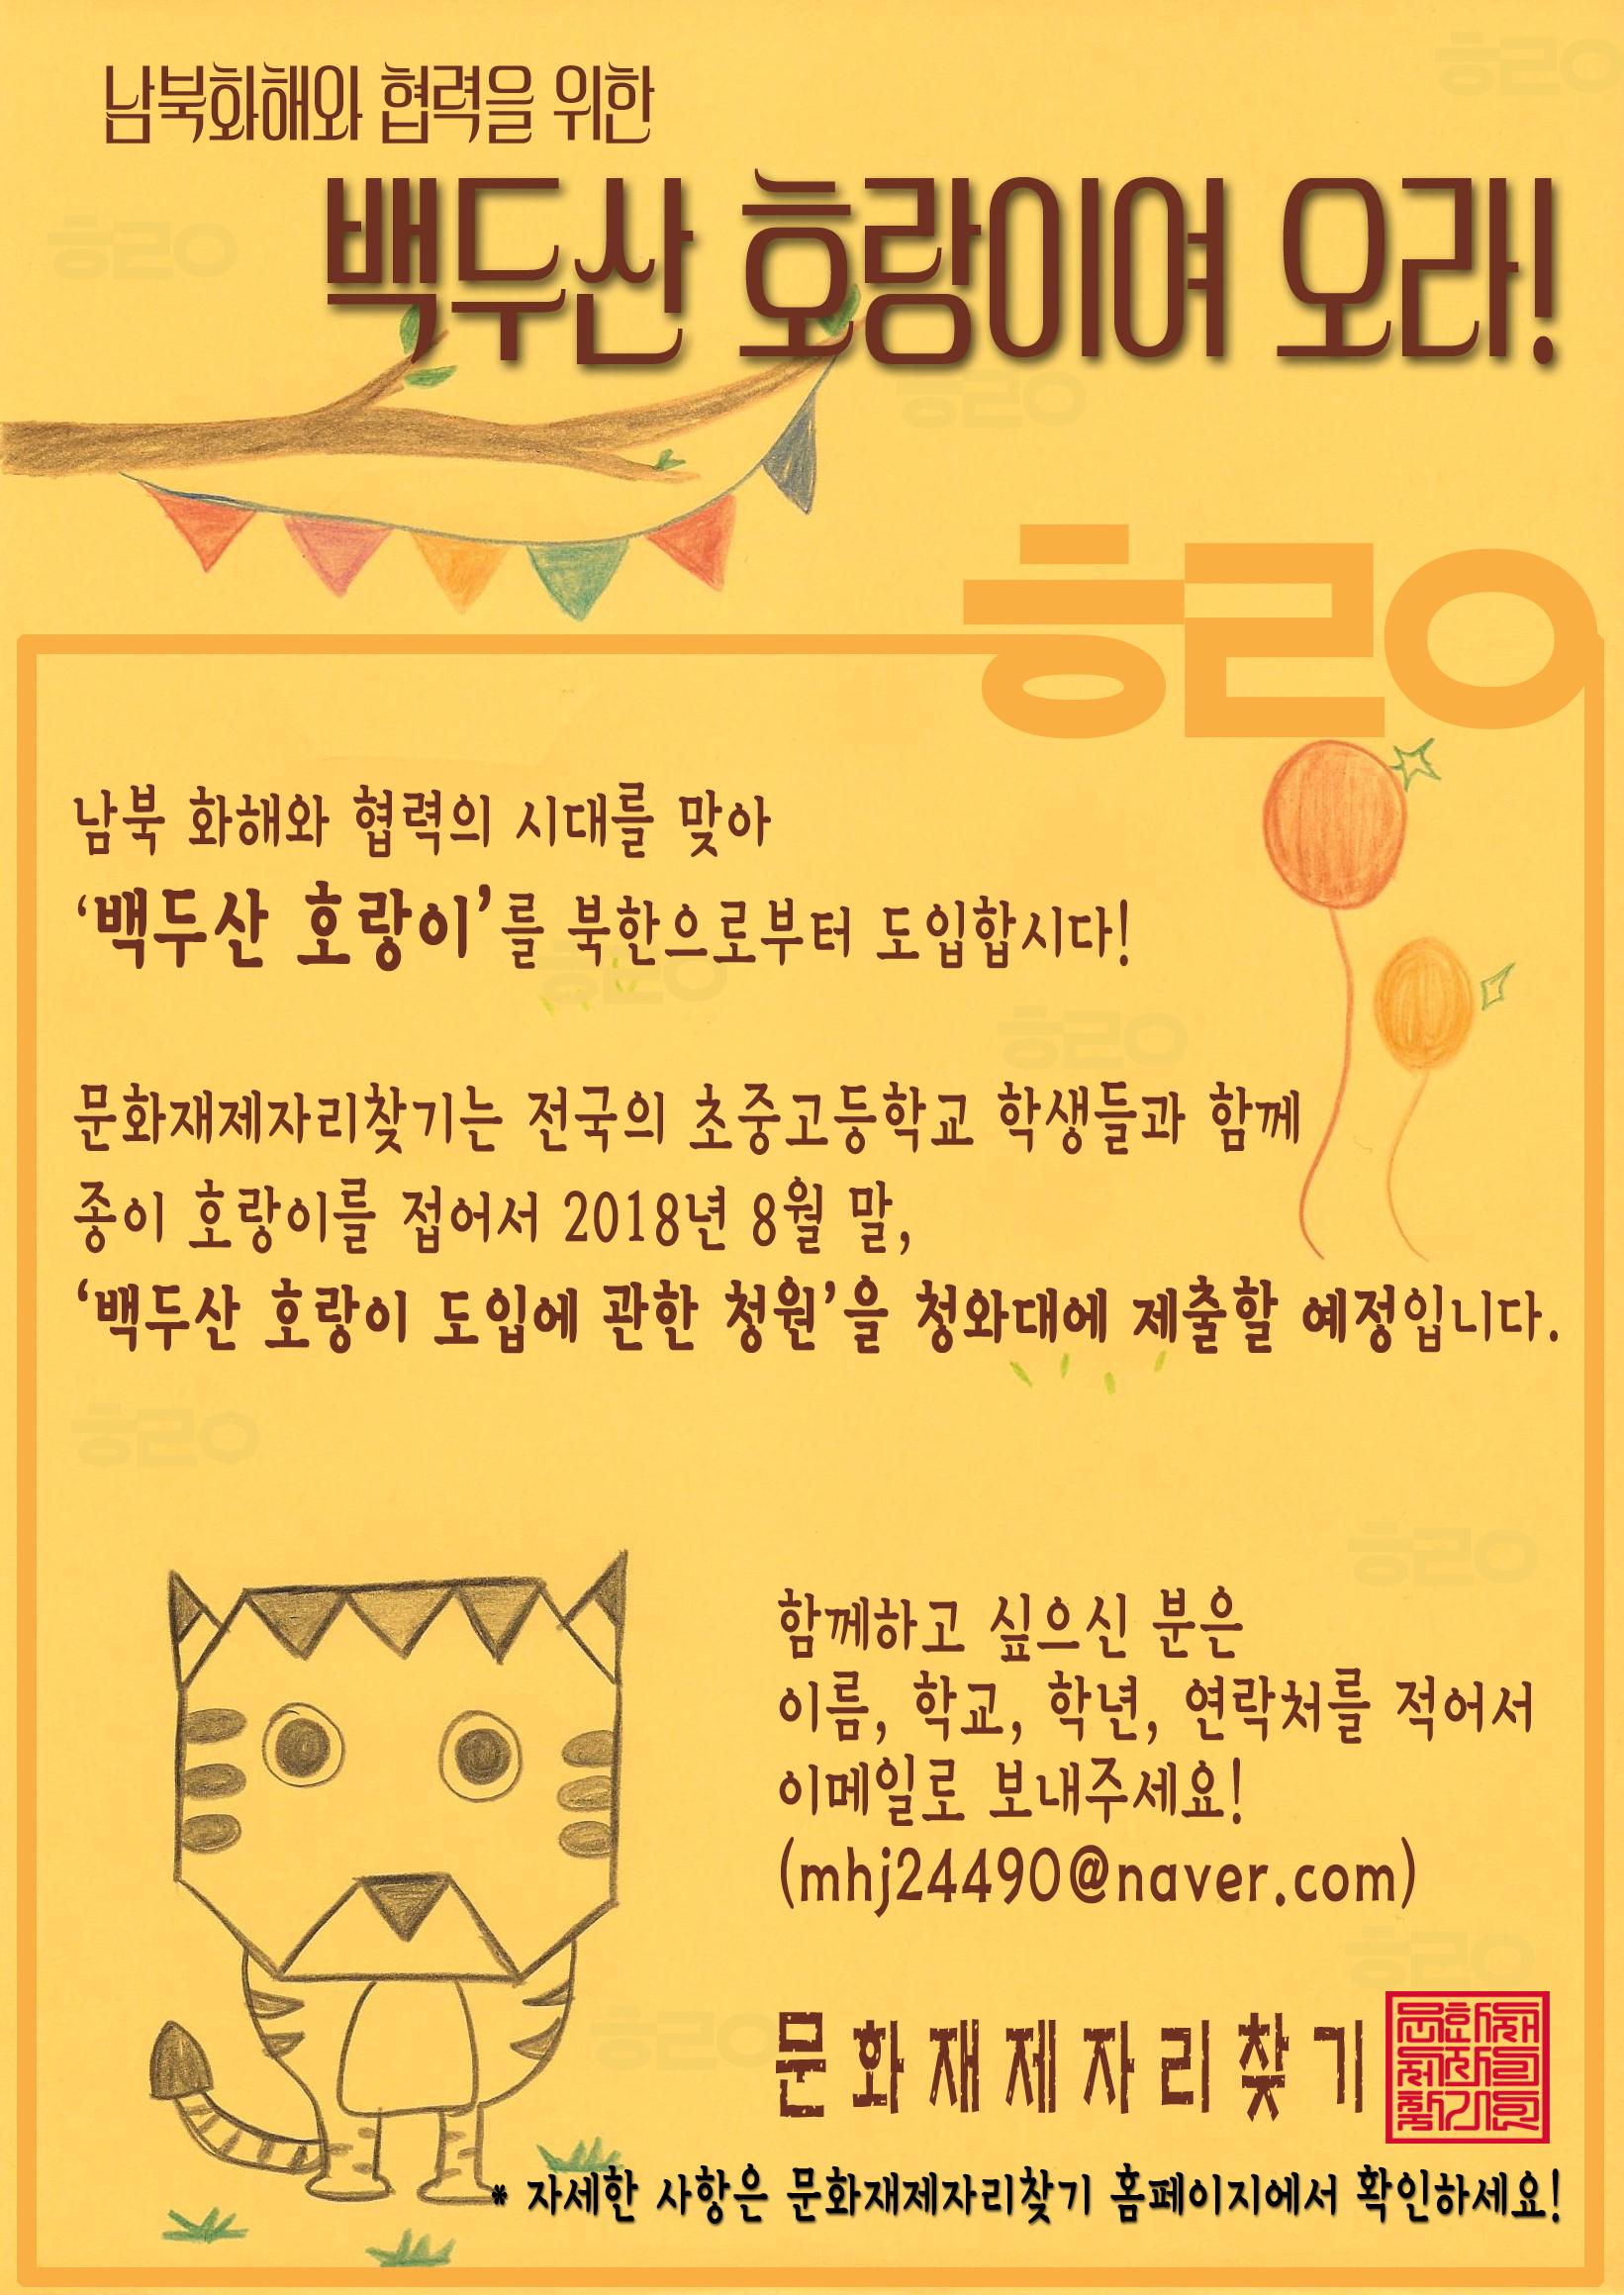 호랑이 접기 포스터(2).jpg